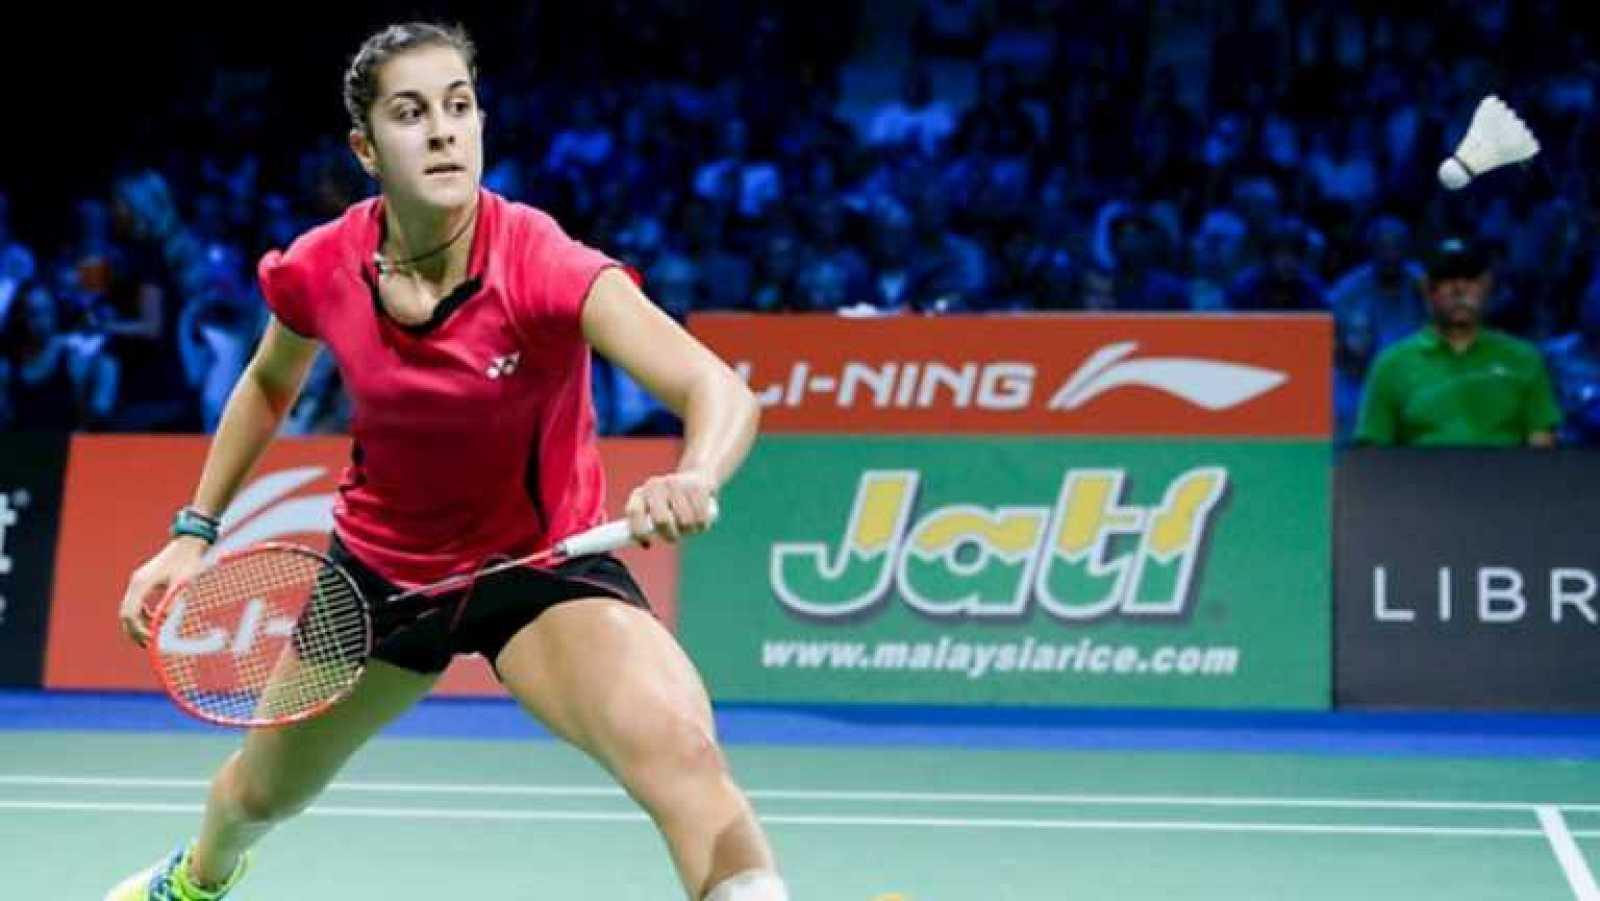 Badminton - Campeonato del Mundo. Semifinales: Carolina Marín - Sindhu - ver ahora